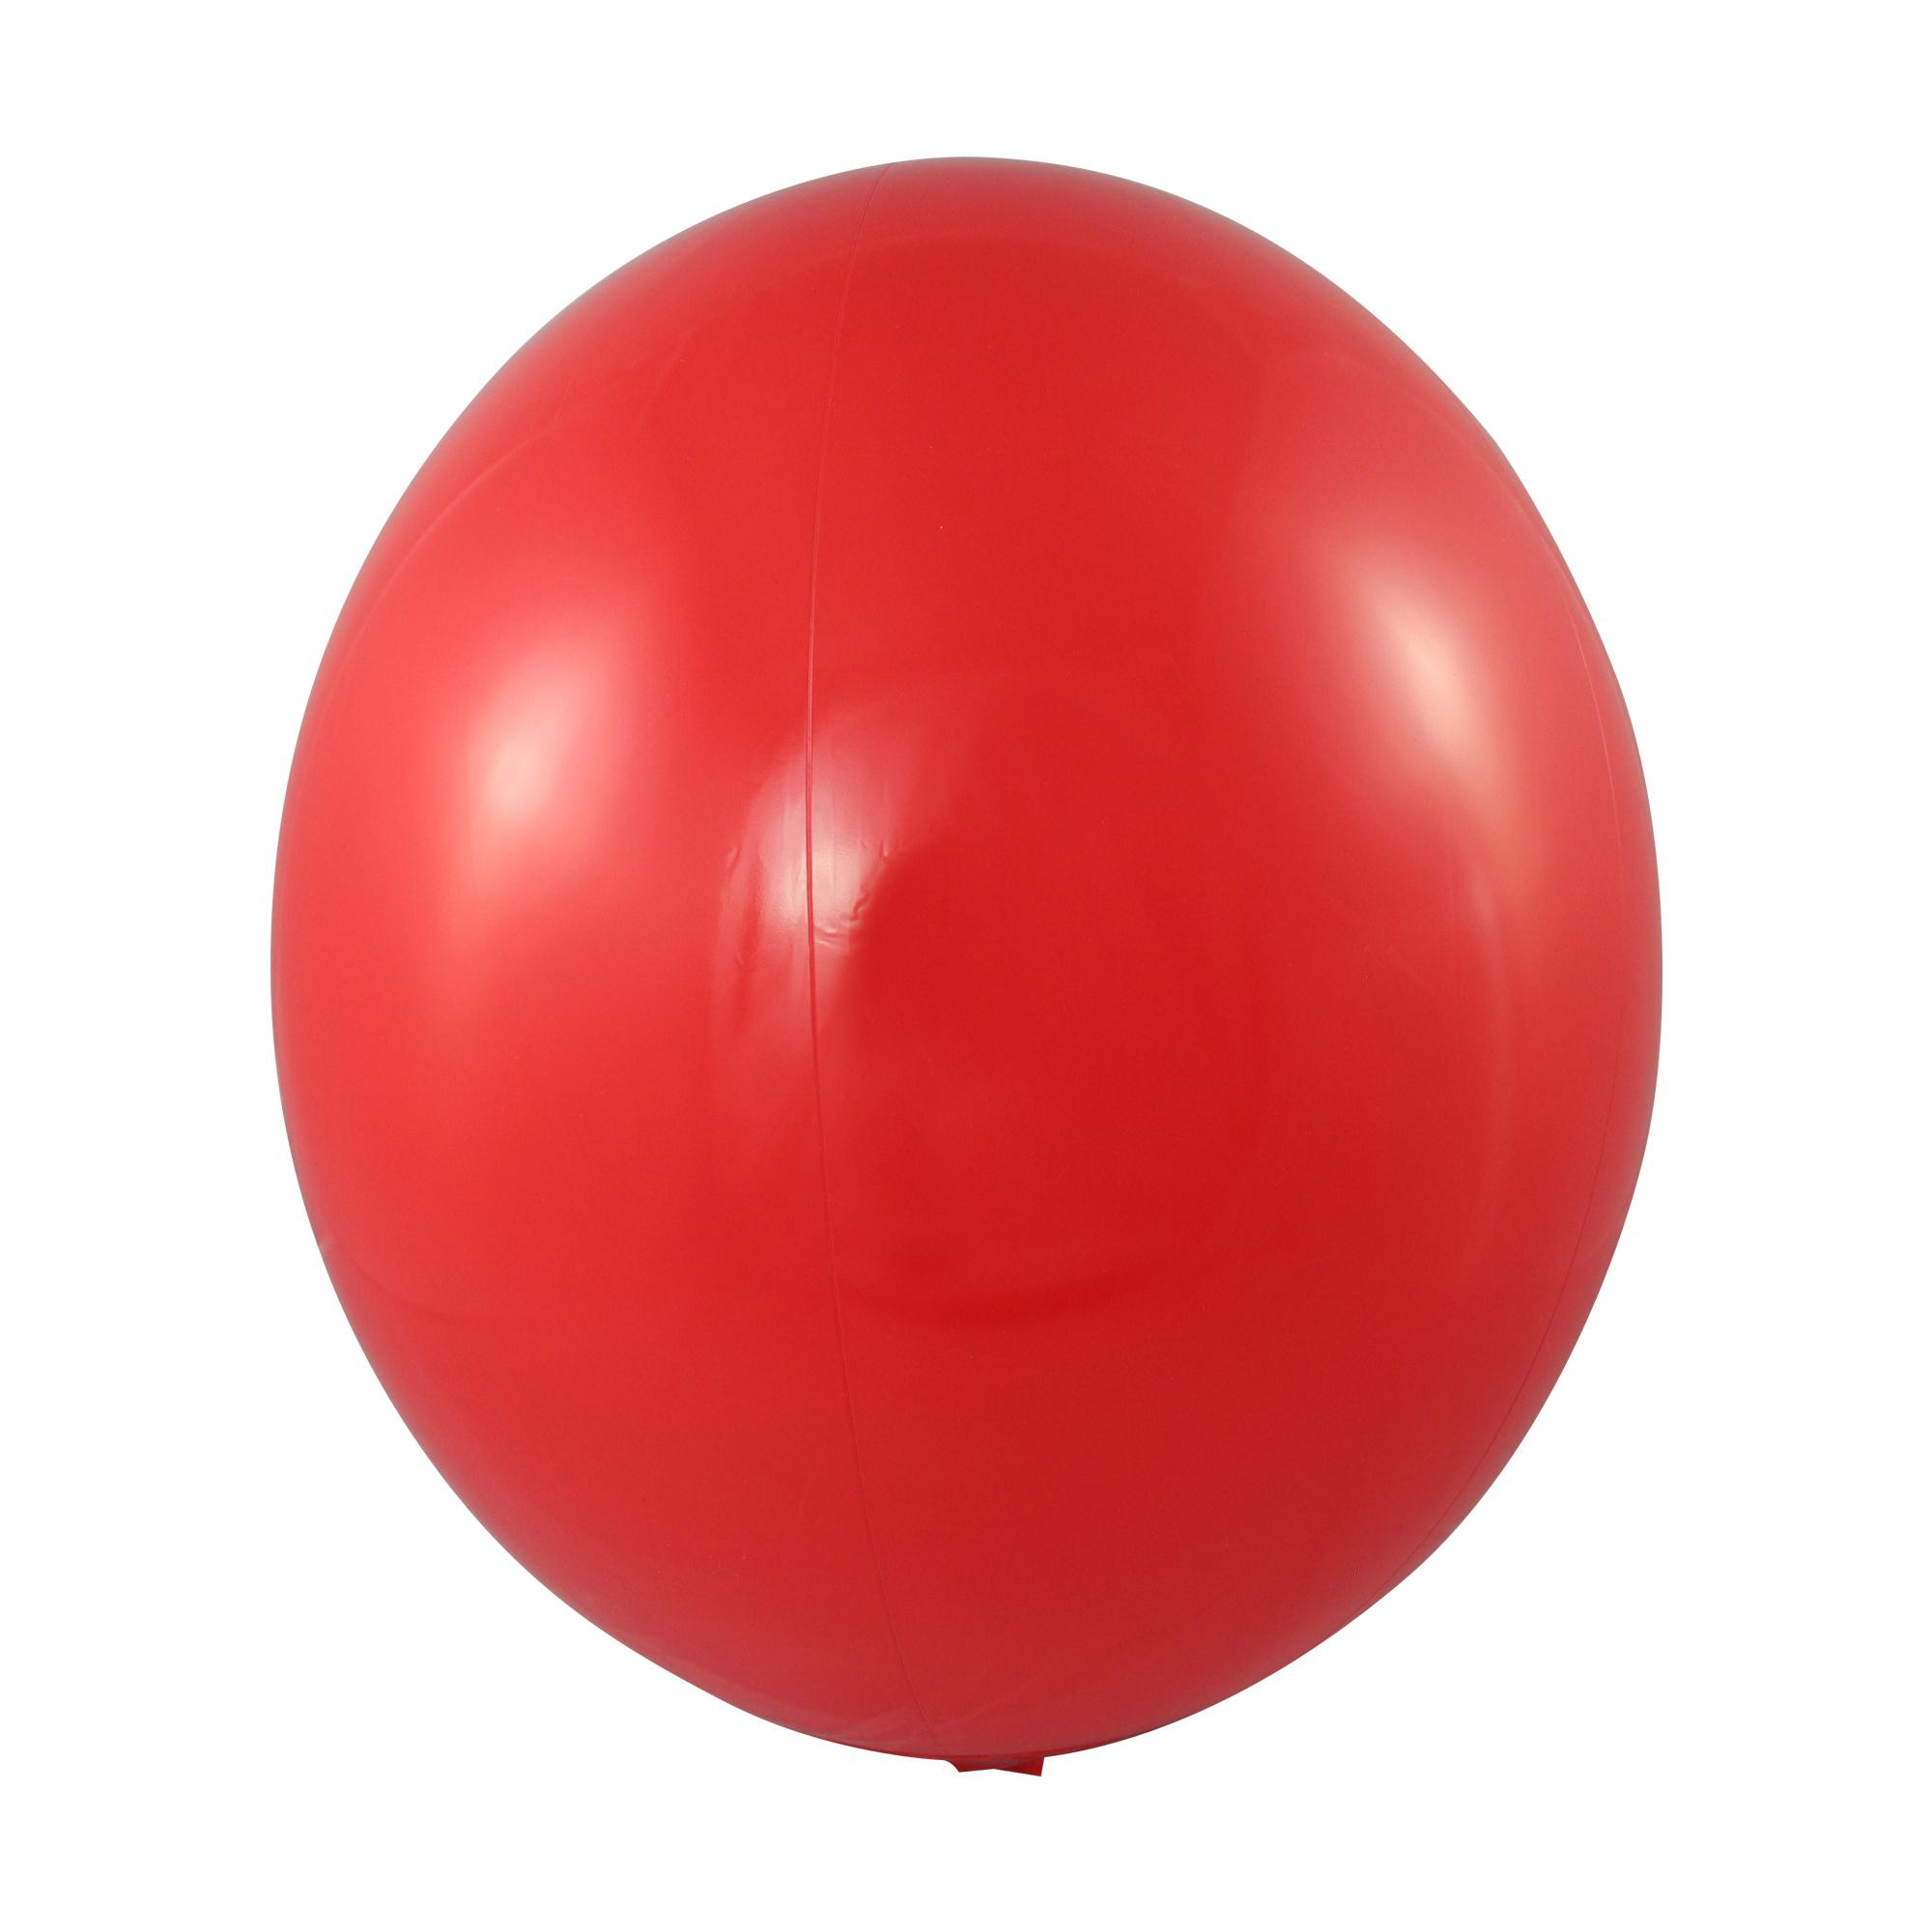 Ballon wiederverwendbar